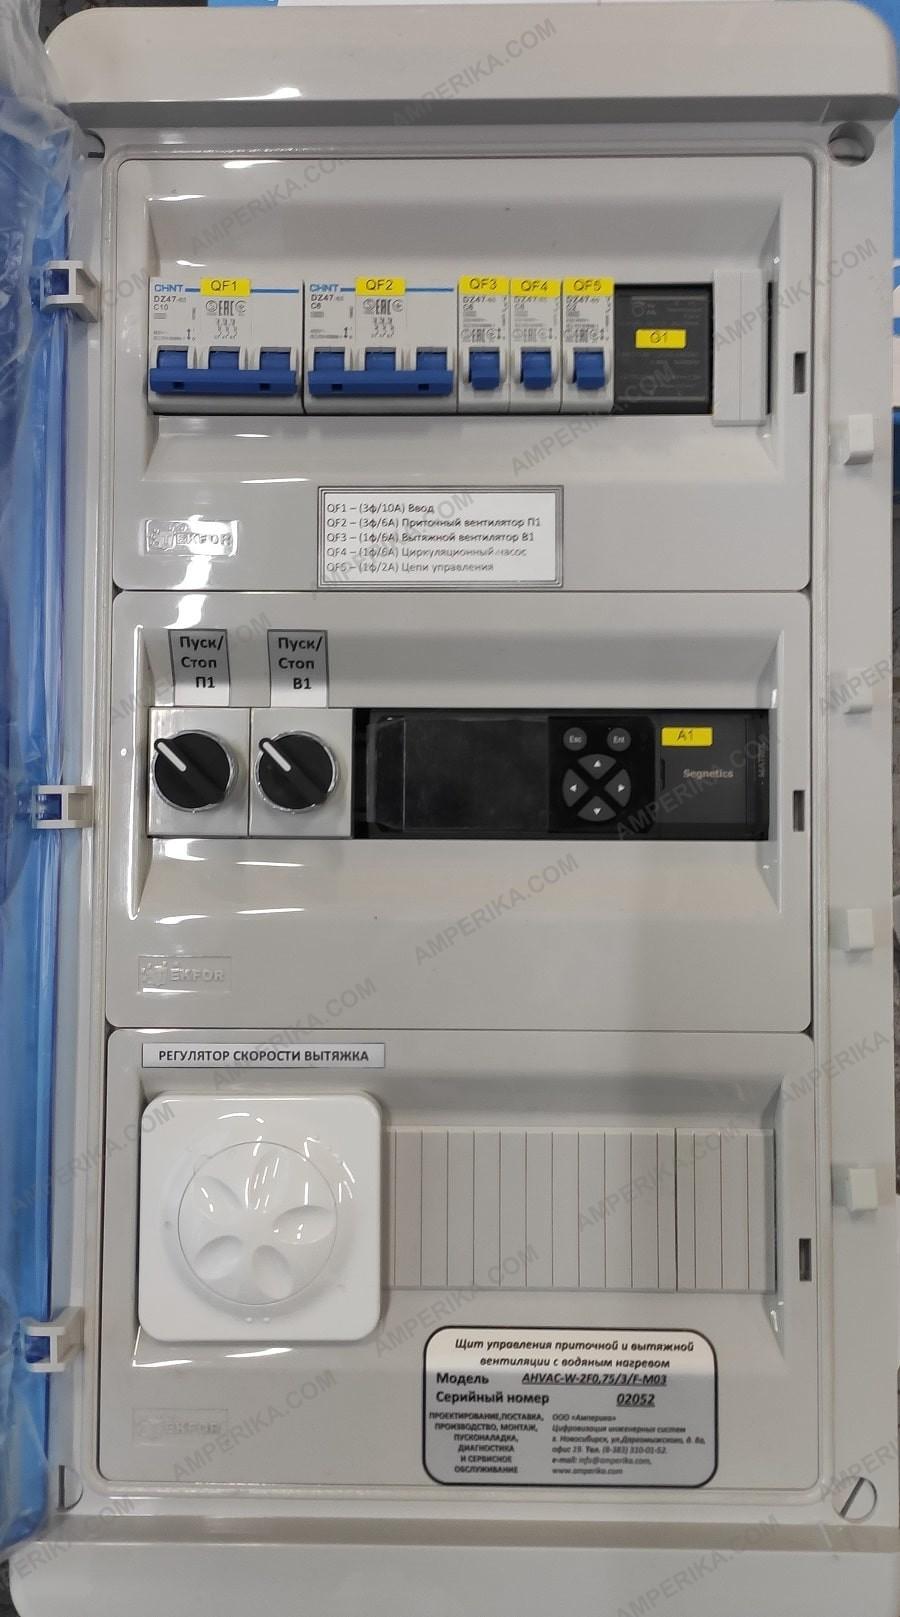 Шкаф управления вентиляцией AHVAC-W-2F3/3/F-M3